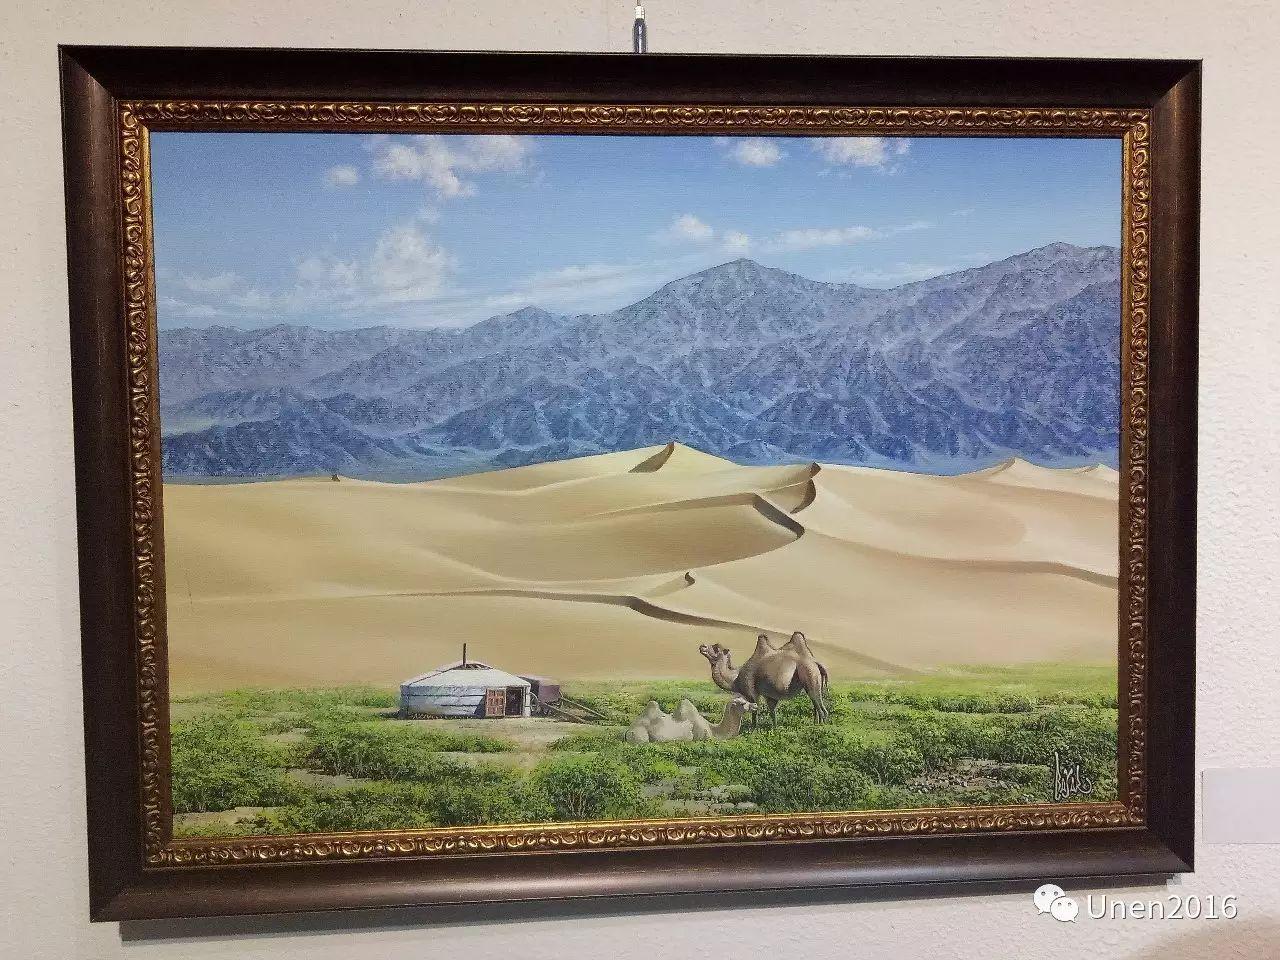 【Unen】美术:蒙古国青年画家巴雅尔的油画作品 第20张